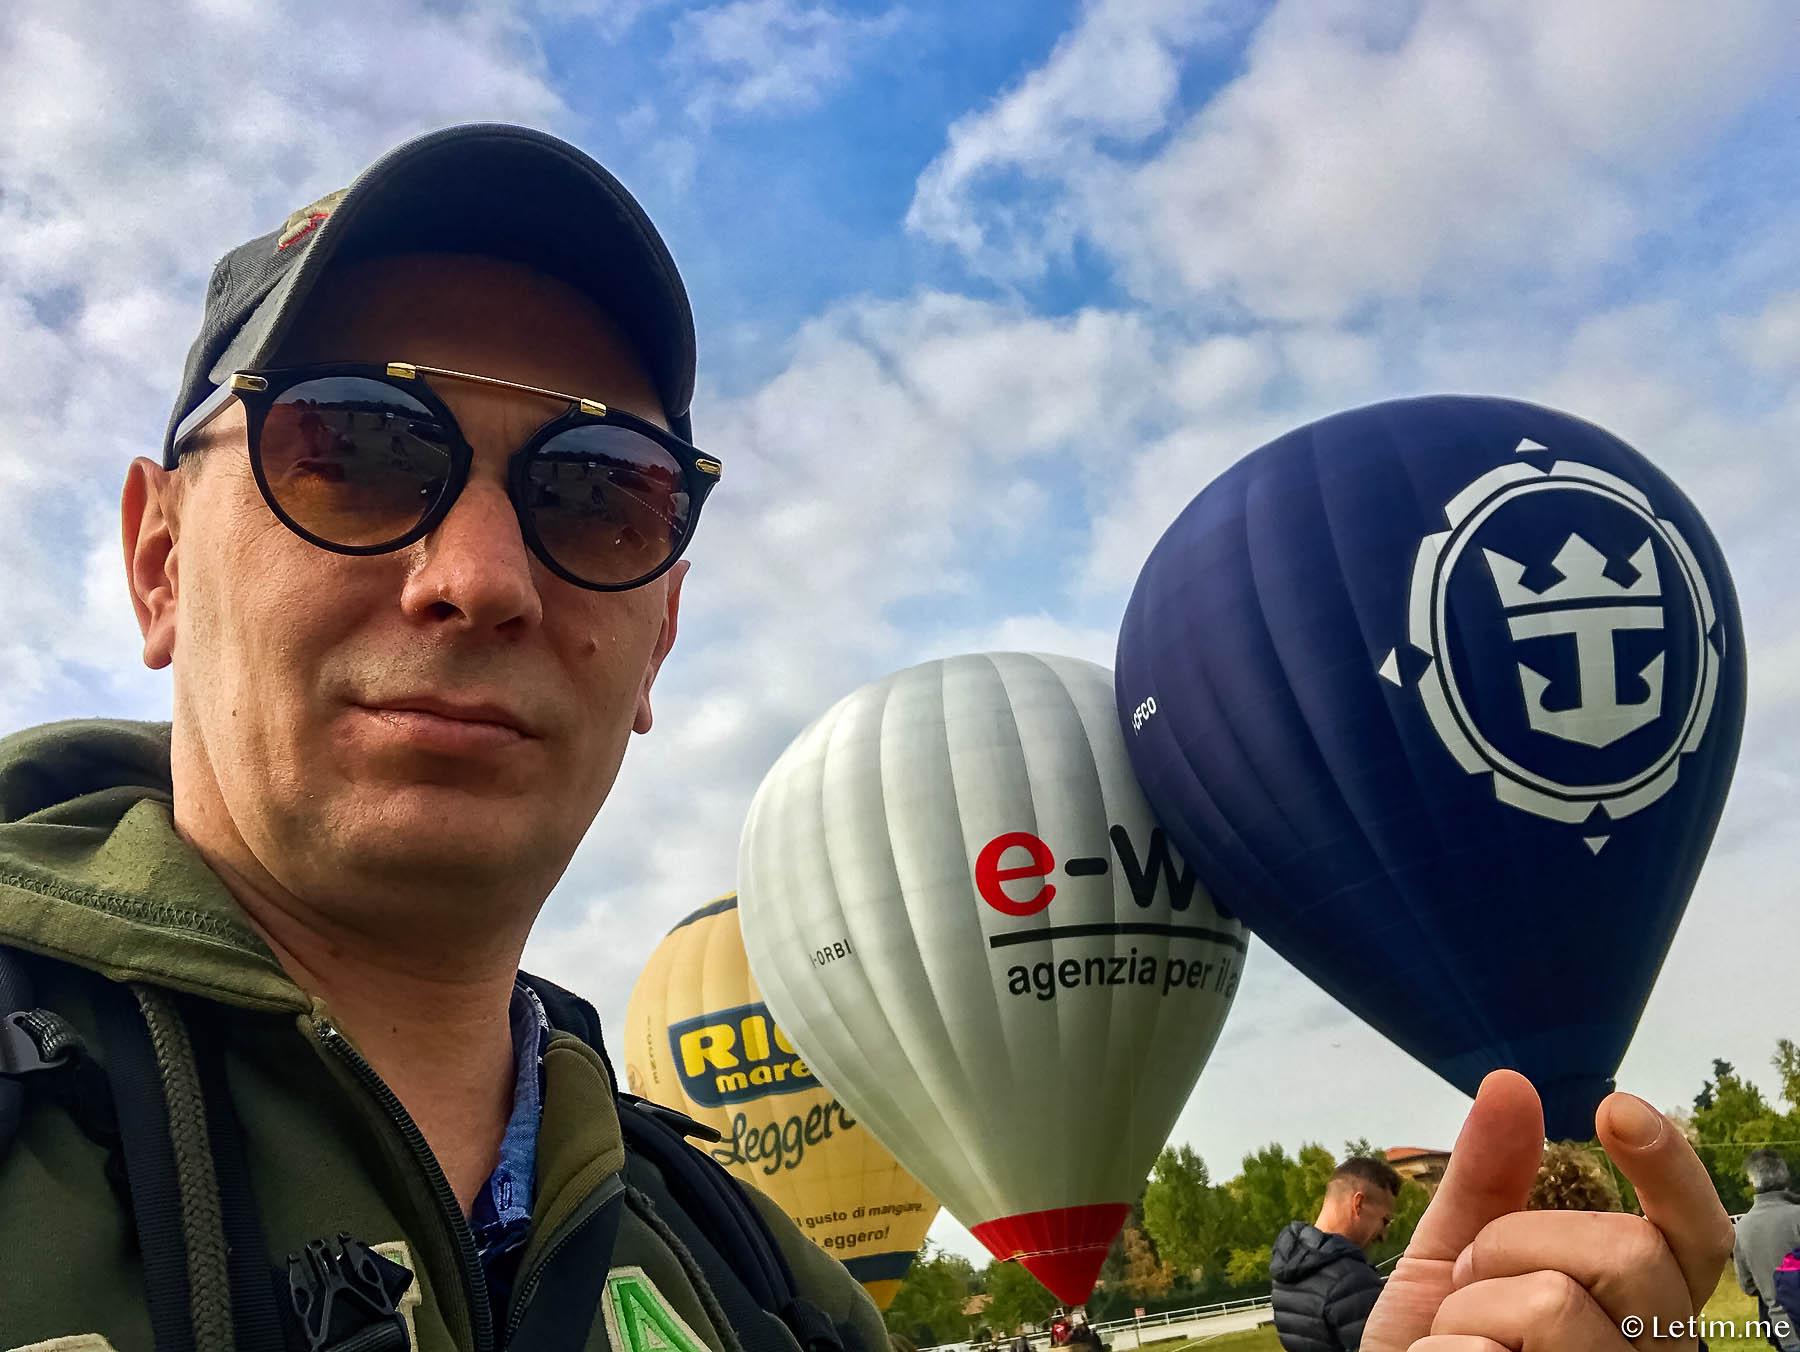 Блогер Алексей Соломатин на фестивале воздушных шаров во Флоренции. Италия